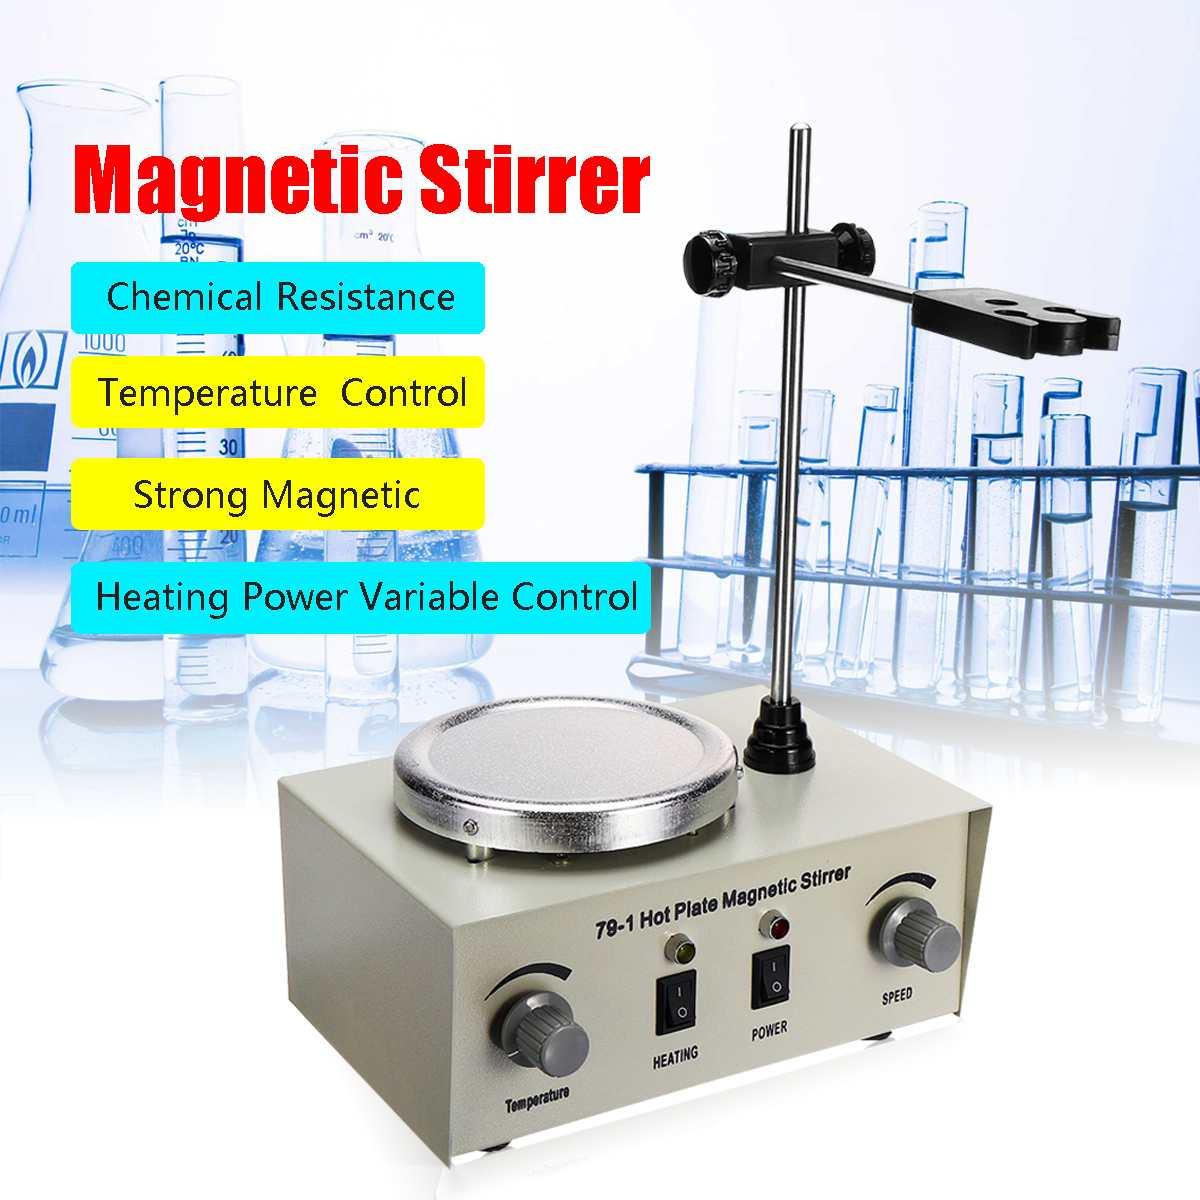 США/AU/EU 79-1 110/220 В 250 Вт 1000 мл горячая пластина магнитная мешалка Lab Heating Dual control Mixer No noise/Vibration предохранители защита